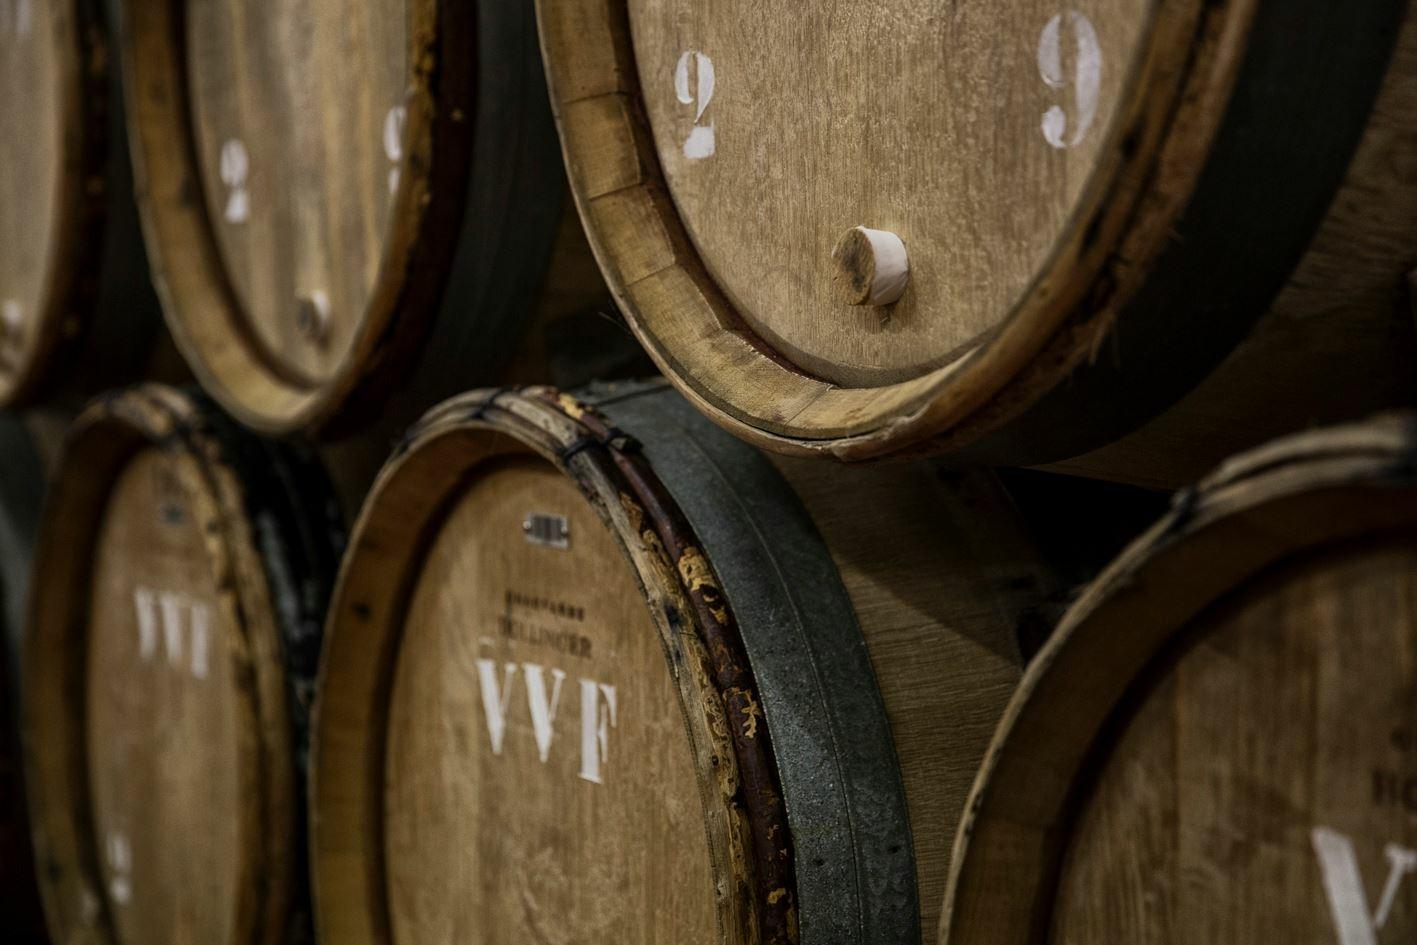 bollinger-vvf-barrels